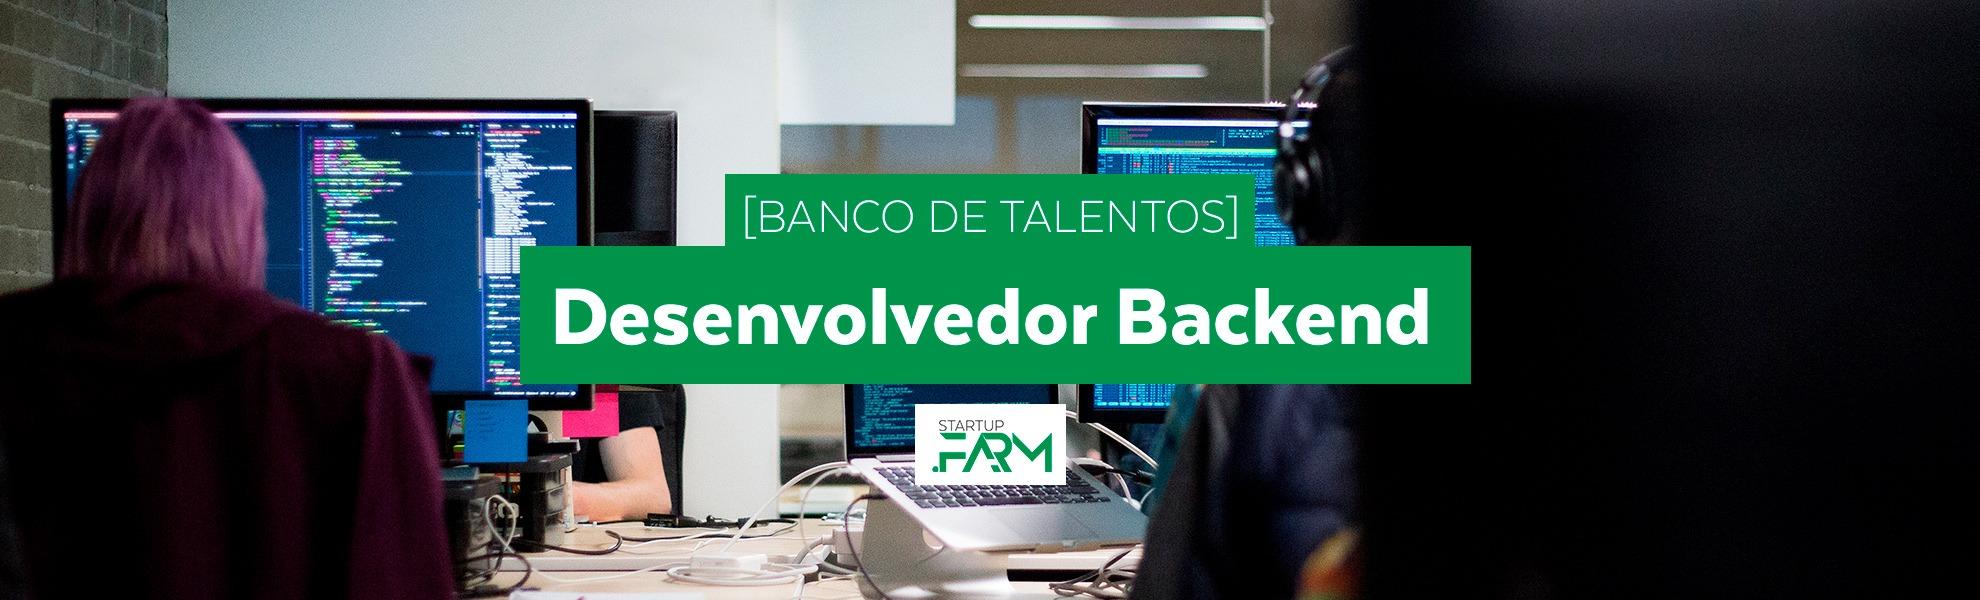 [Banco de Talentos] Desenvolvedor Backend